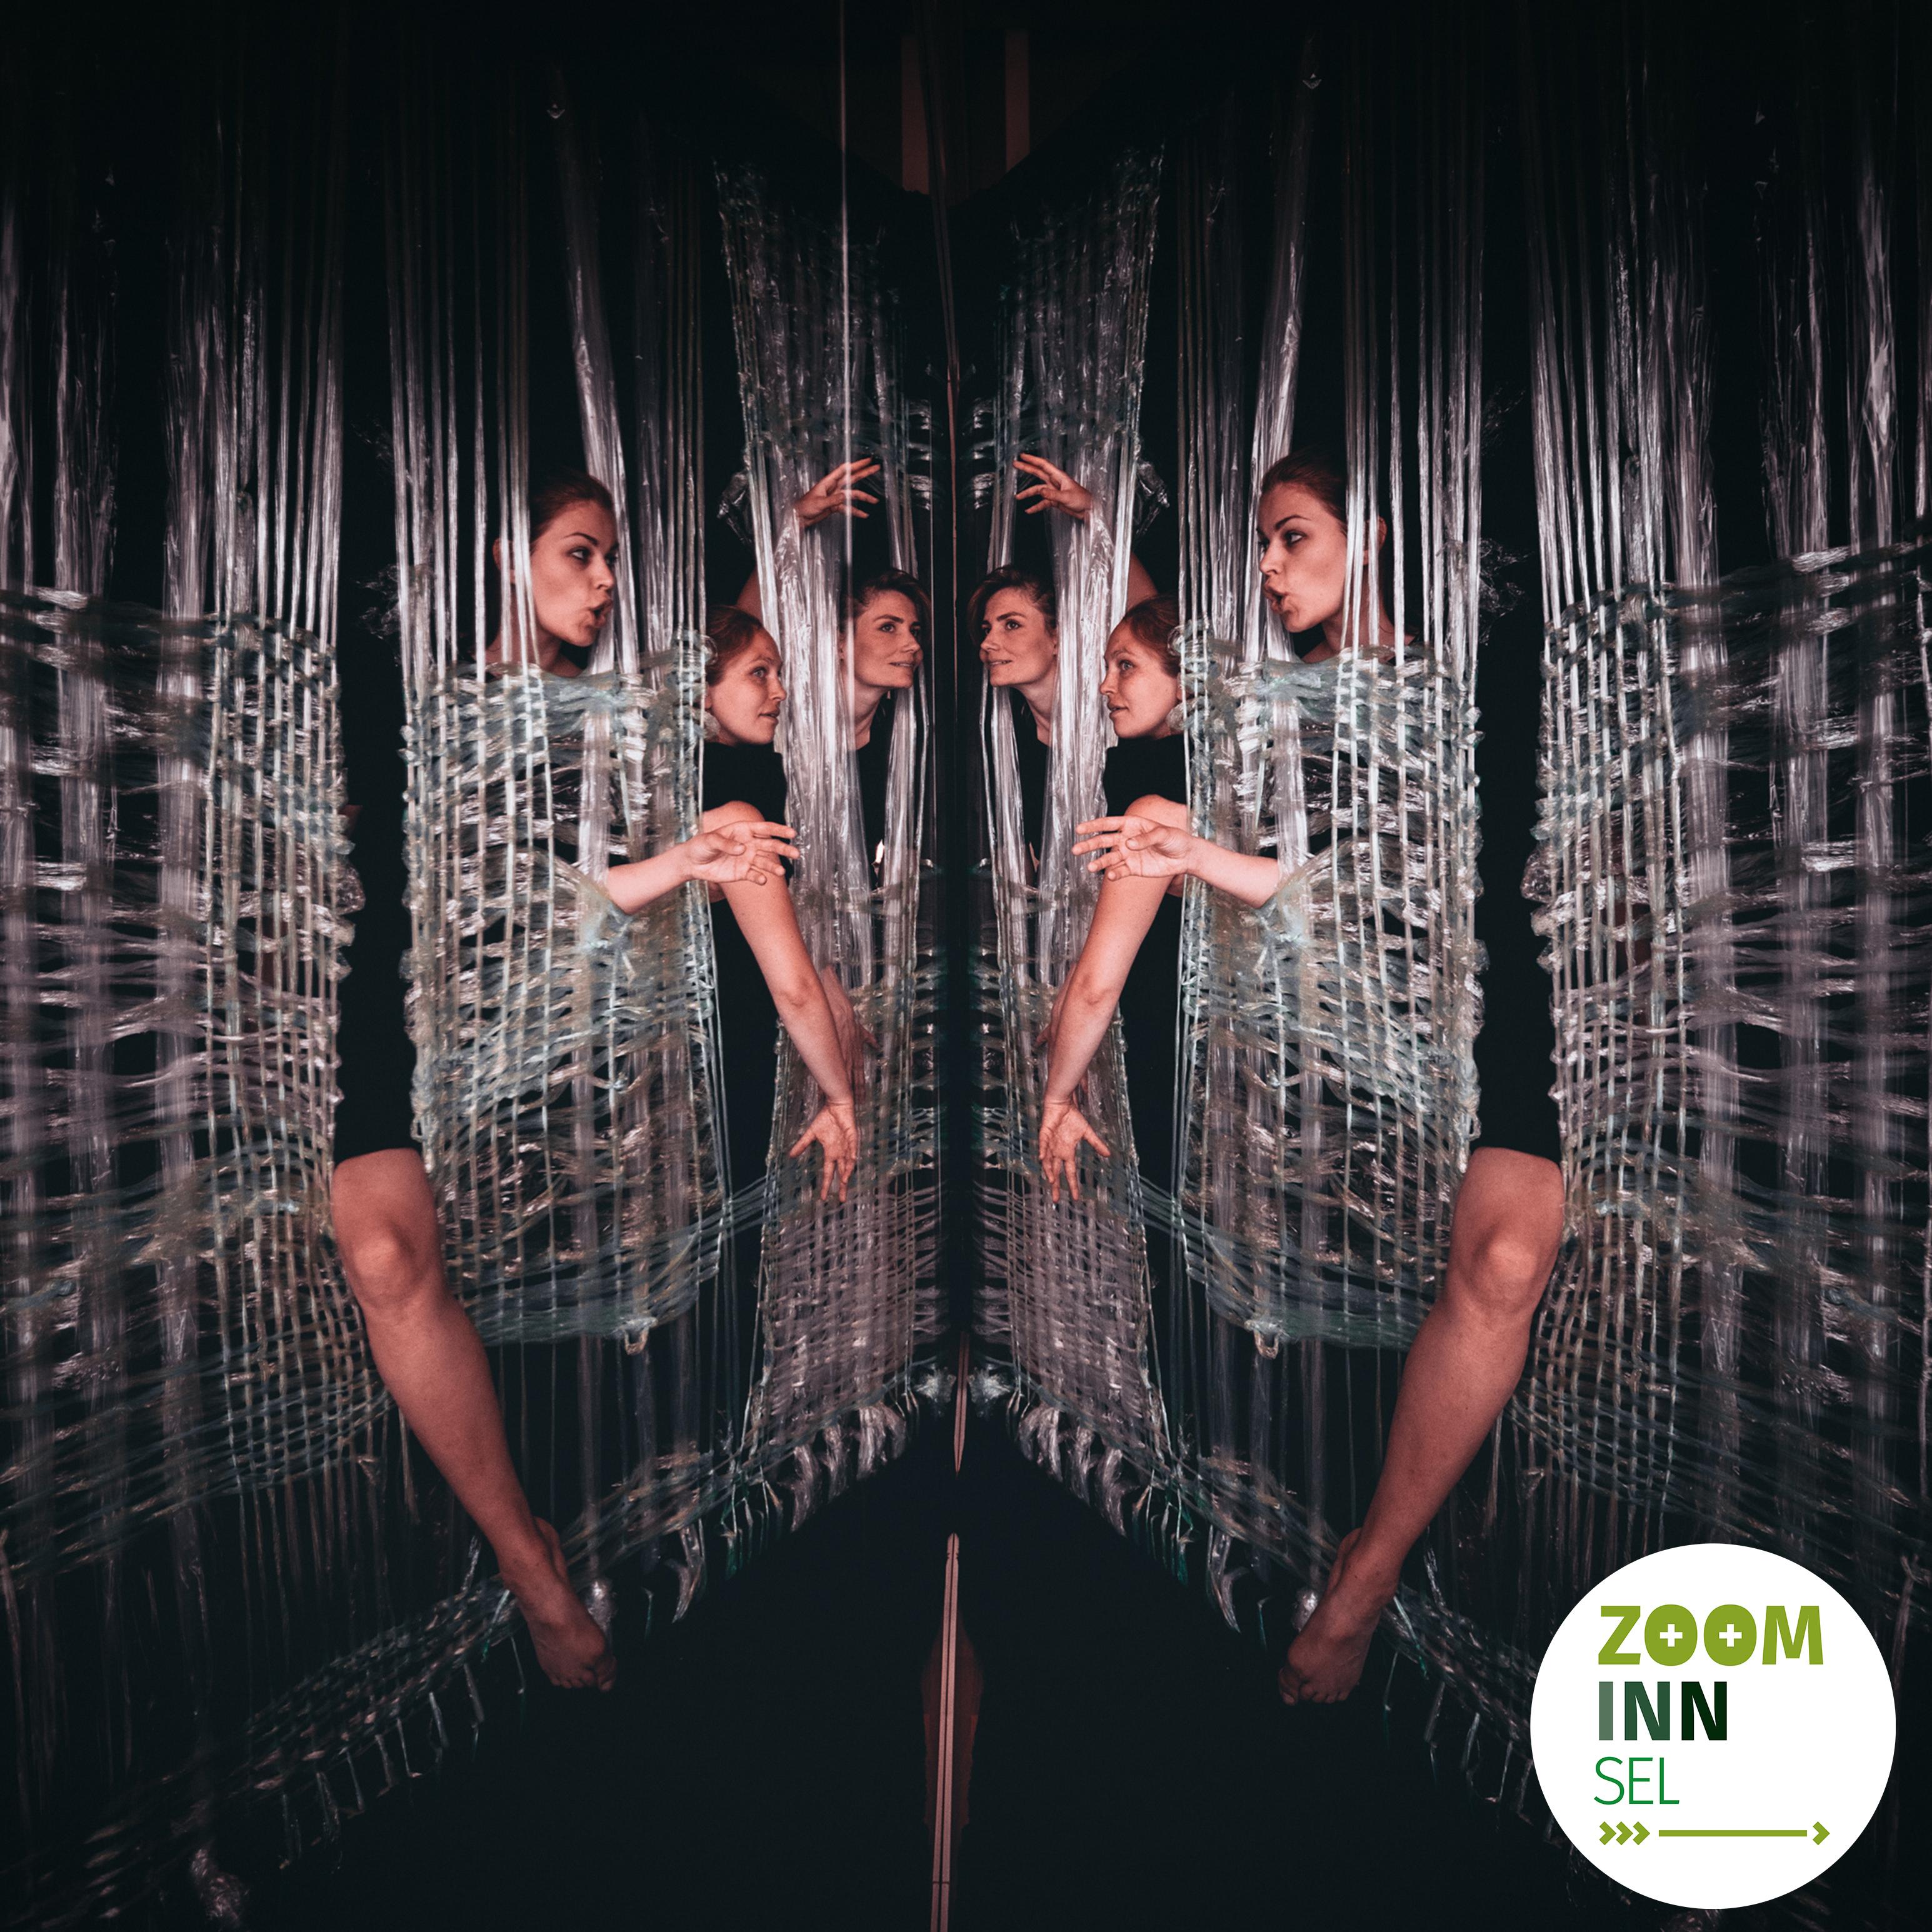 Bilde av tre skuespillere med speilvendt effekt